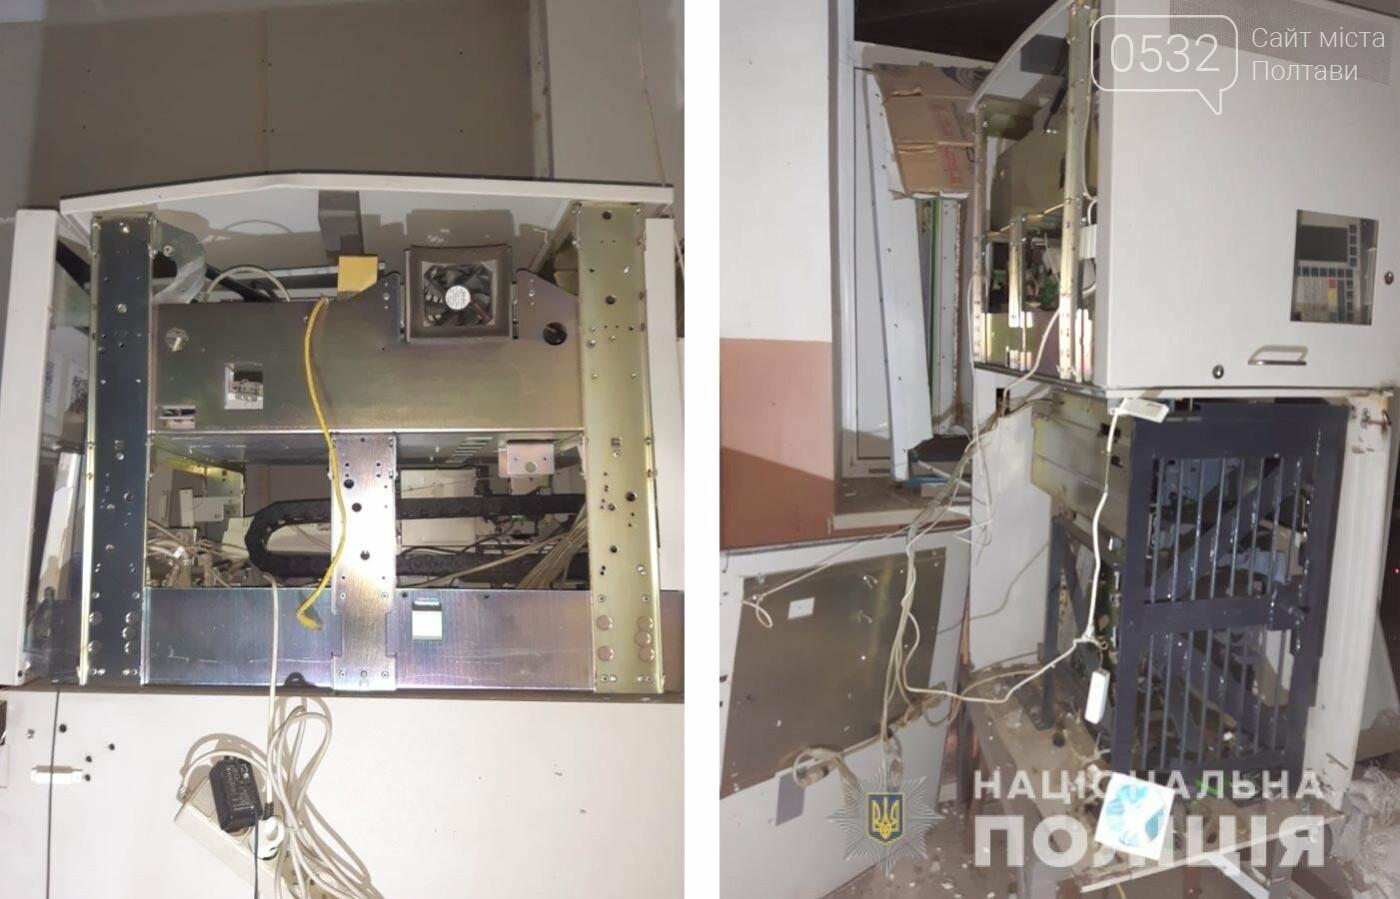 На Полтавщині затримали підривників банкоматів (ФОТО, ВІДЕО), фото-6